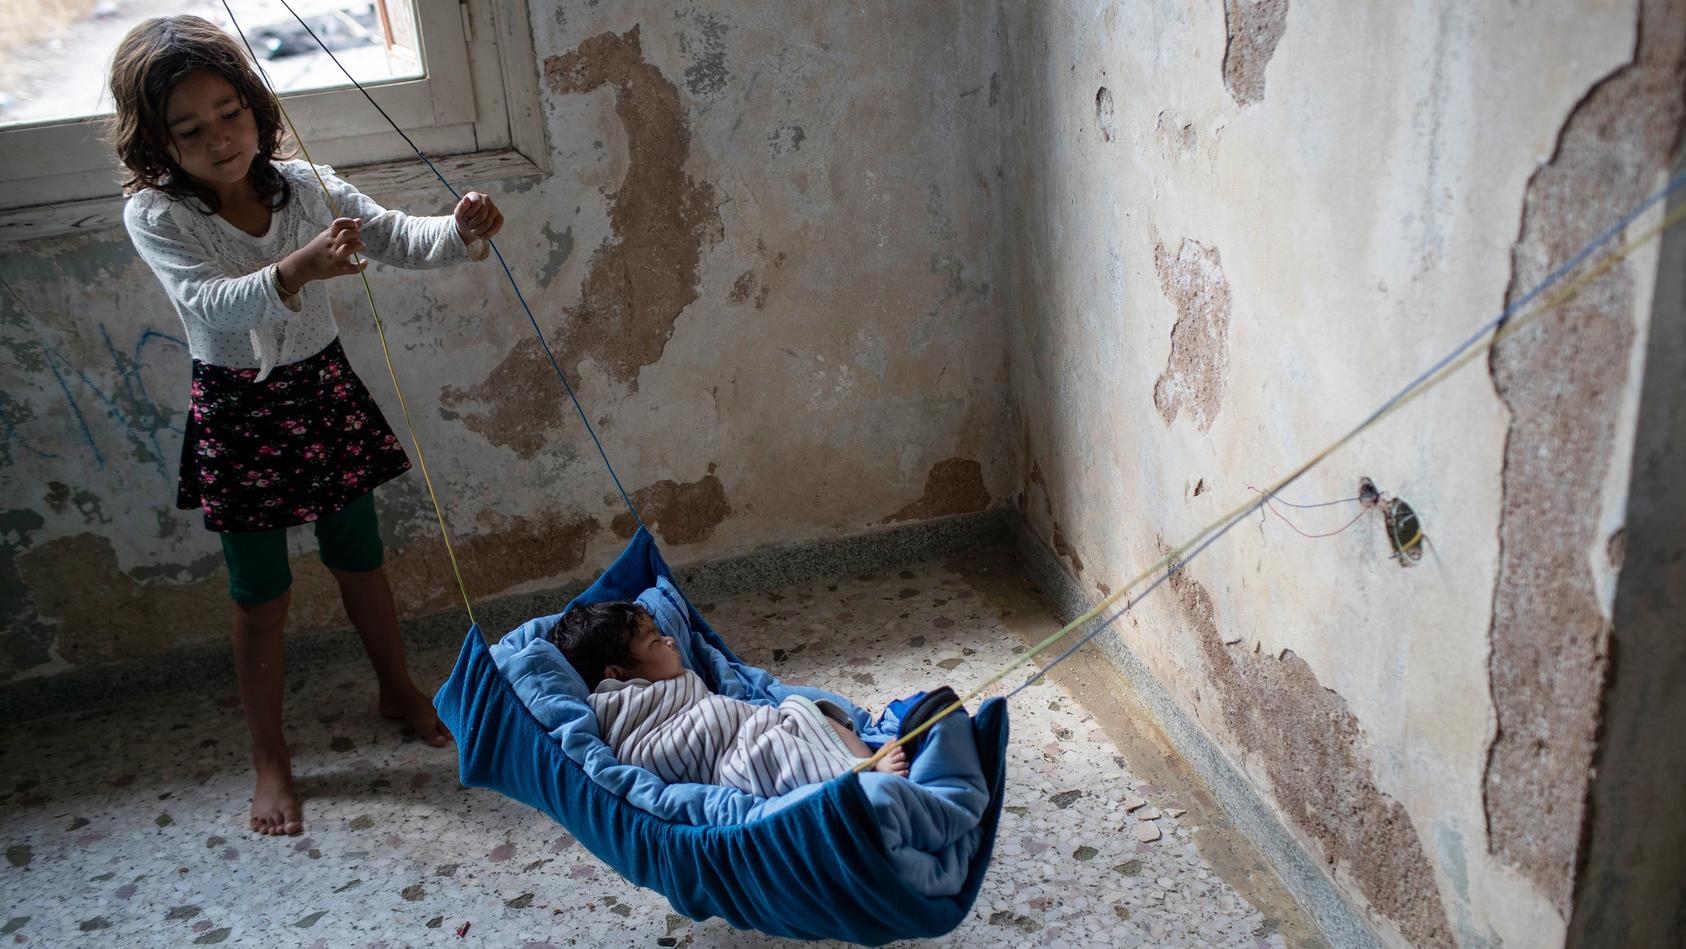 Nach dem Brand im Flüchtlingslager Moria sind etwa 400 unbegleitete Minderjährige auf das griechische Festland gebracht worden.